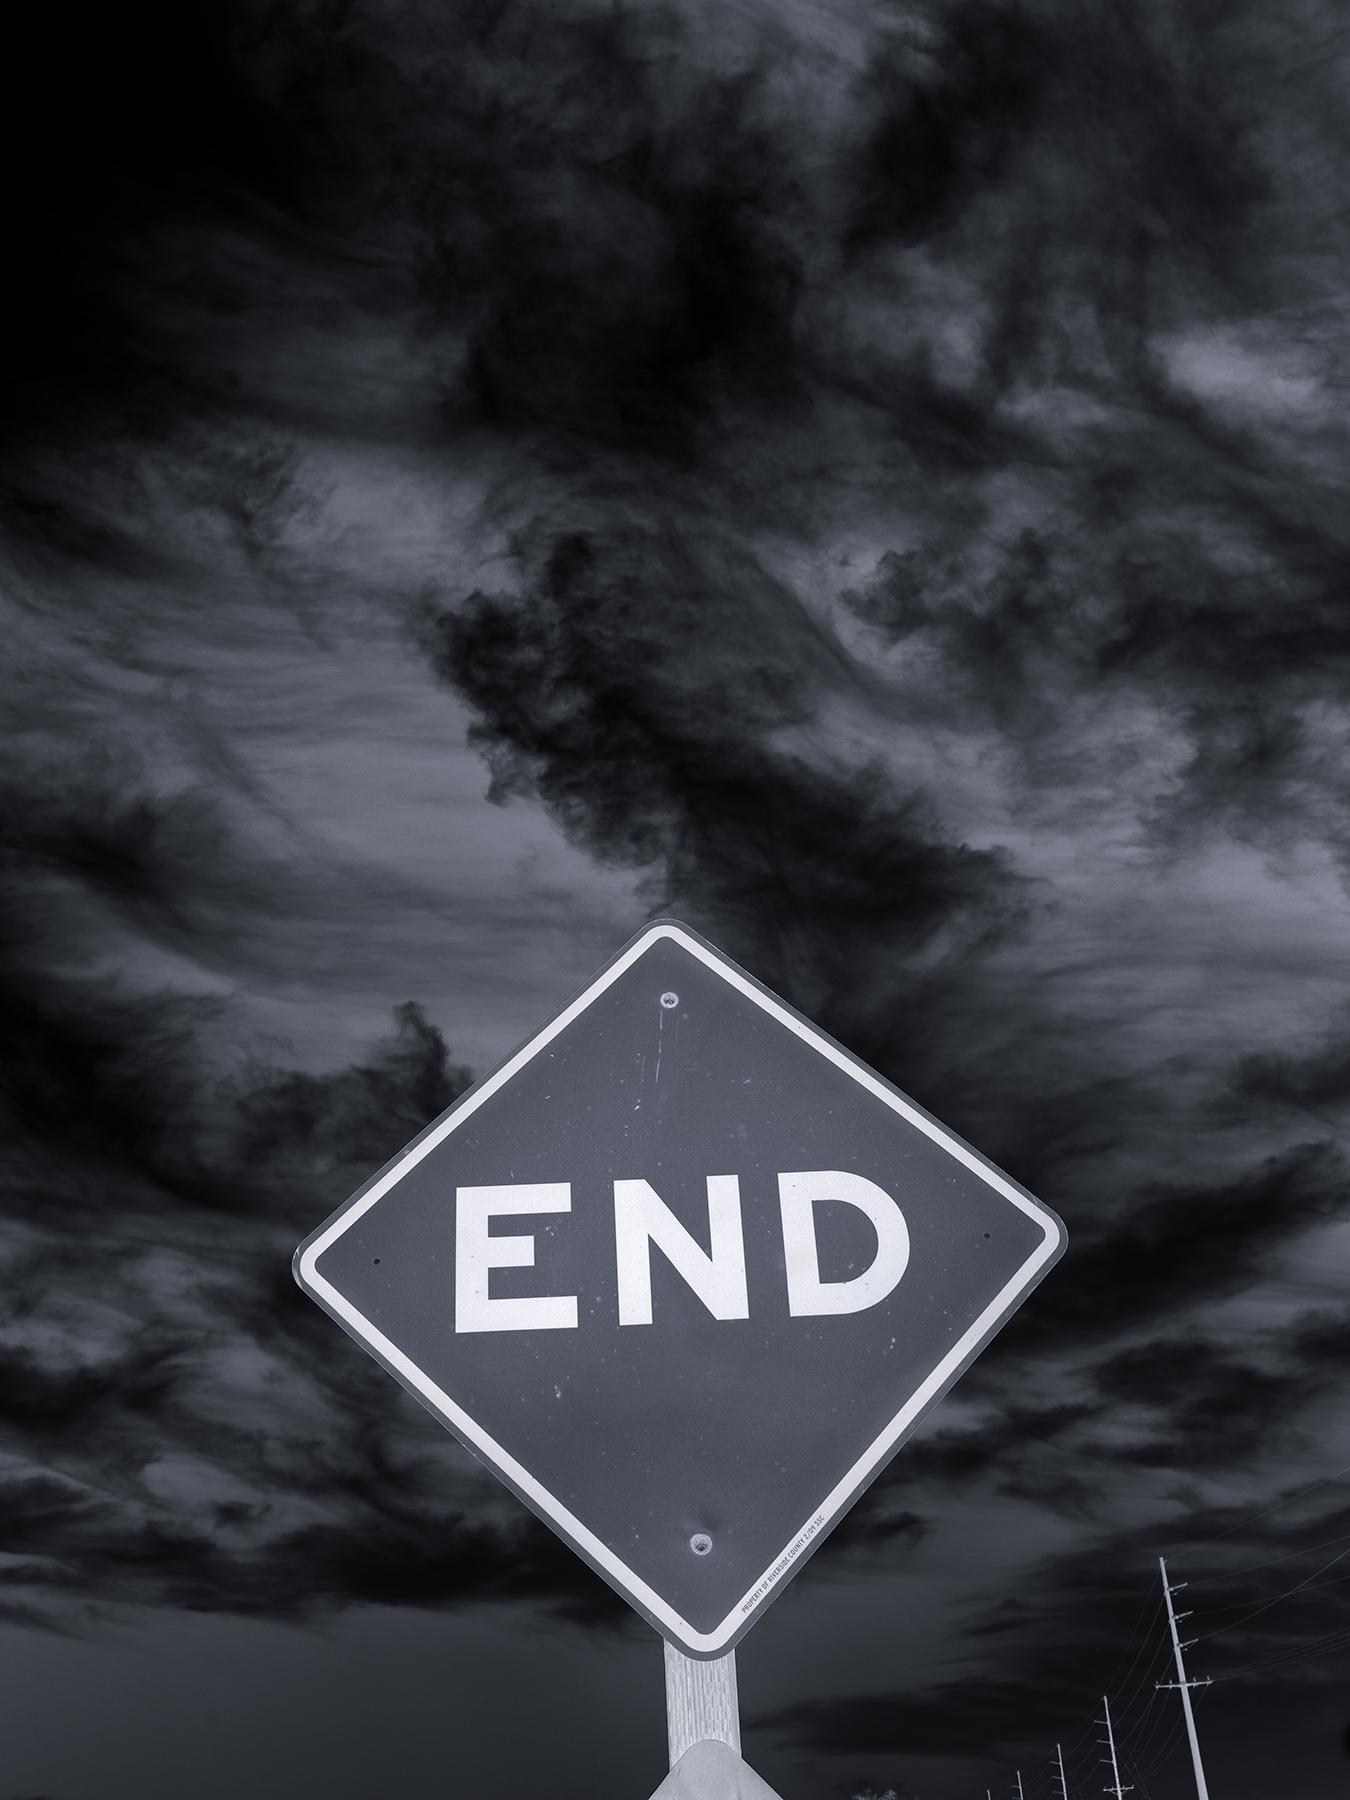 Lennette_Newell The End.jpg